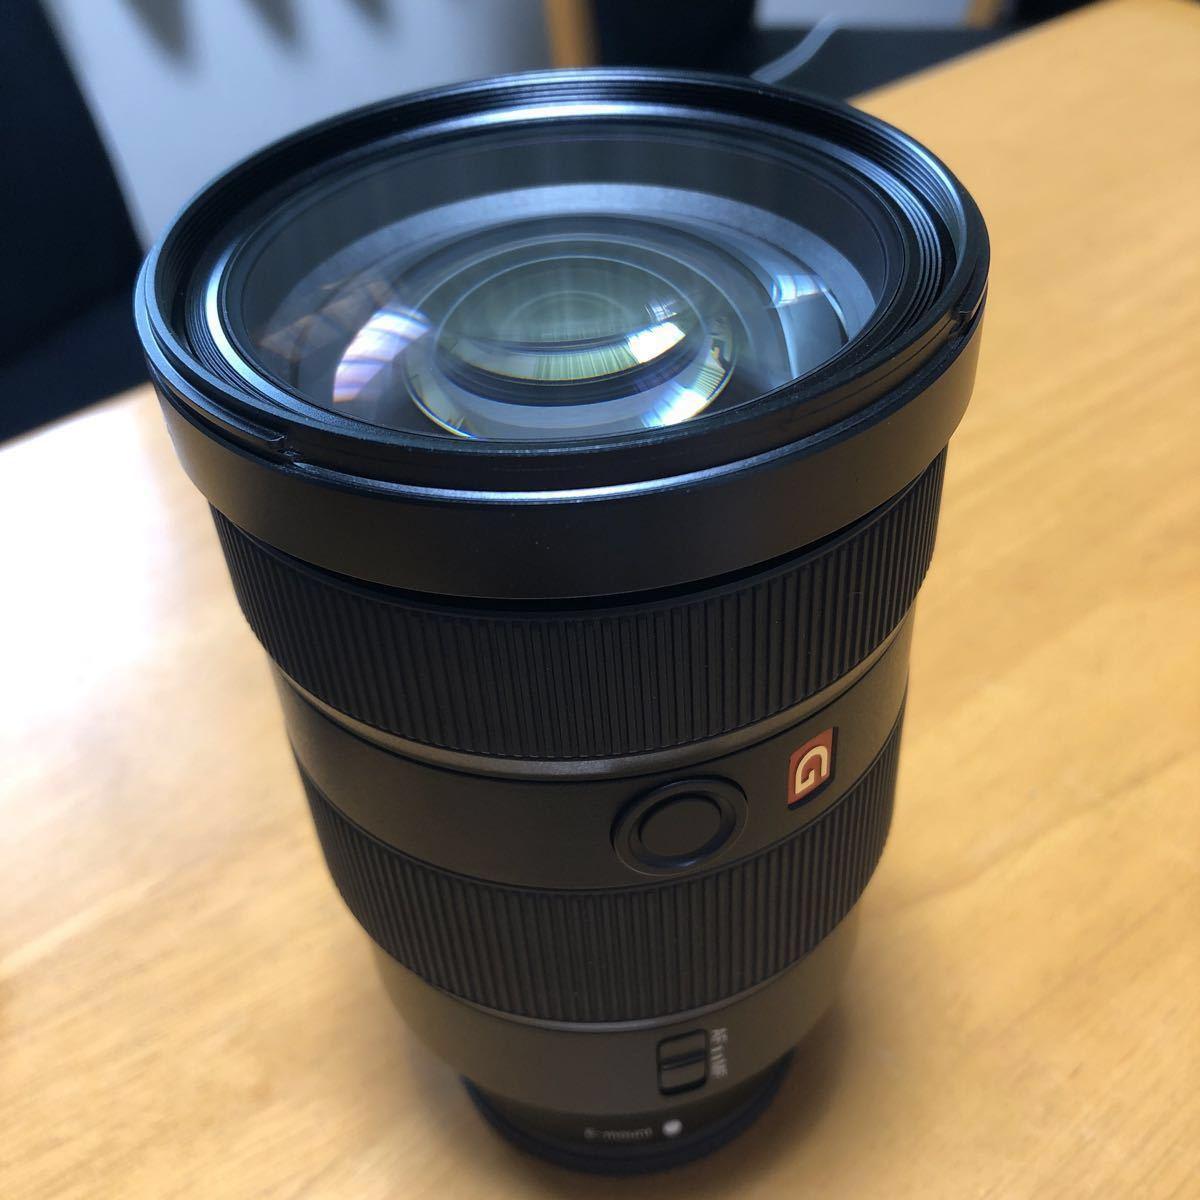 ☆美品☆ SONY SEL2470GM FE 24-70mm F2.8 GM Eマウント レンズフィルターのオマケ付き